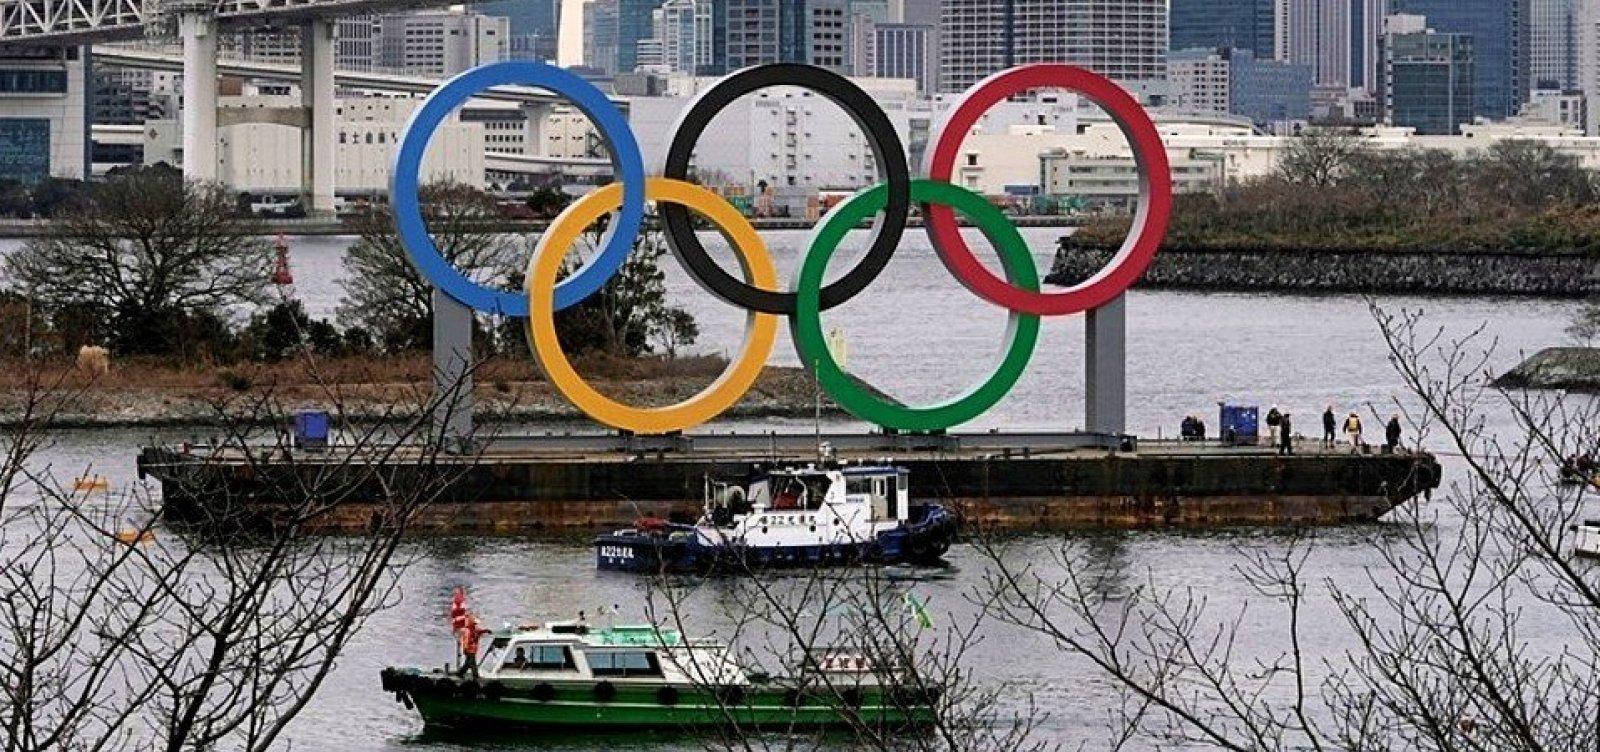 Em meio aos Jogos Olímpicos, Tóquio registra novo recorde de casos de Covid-19